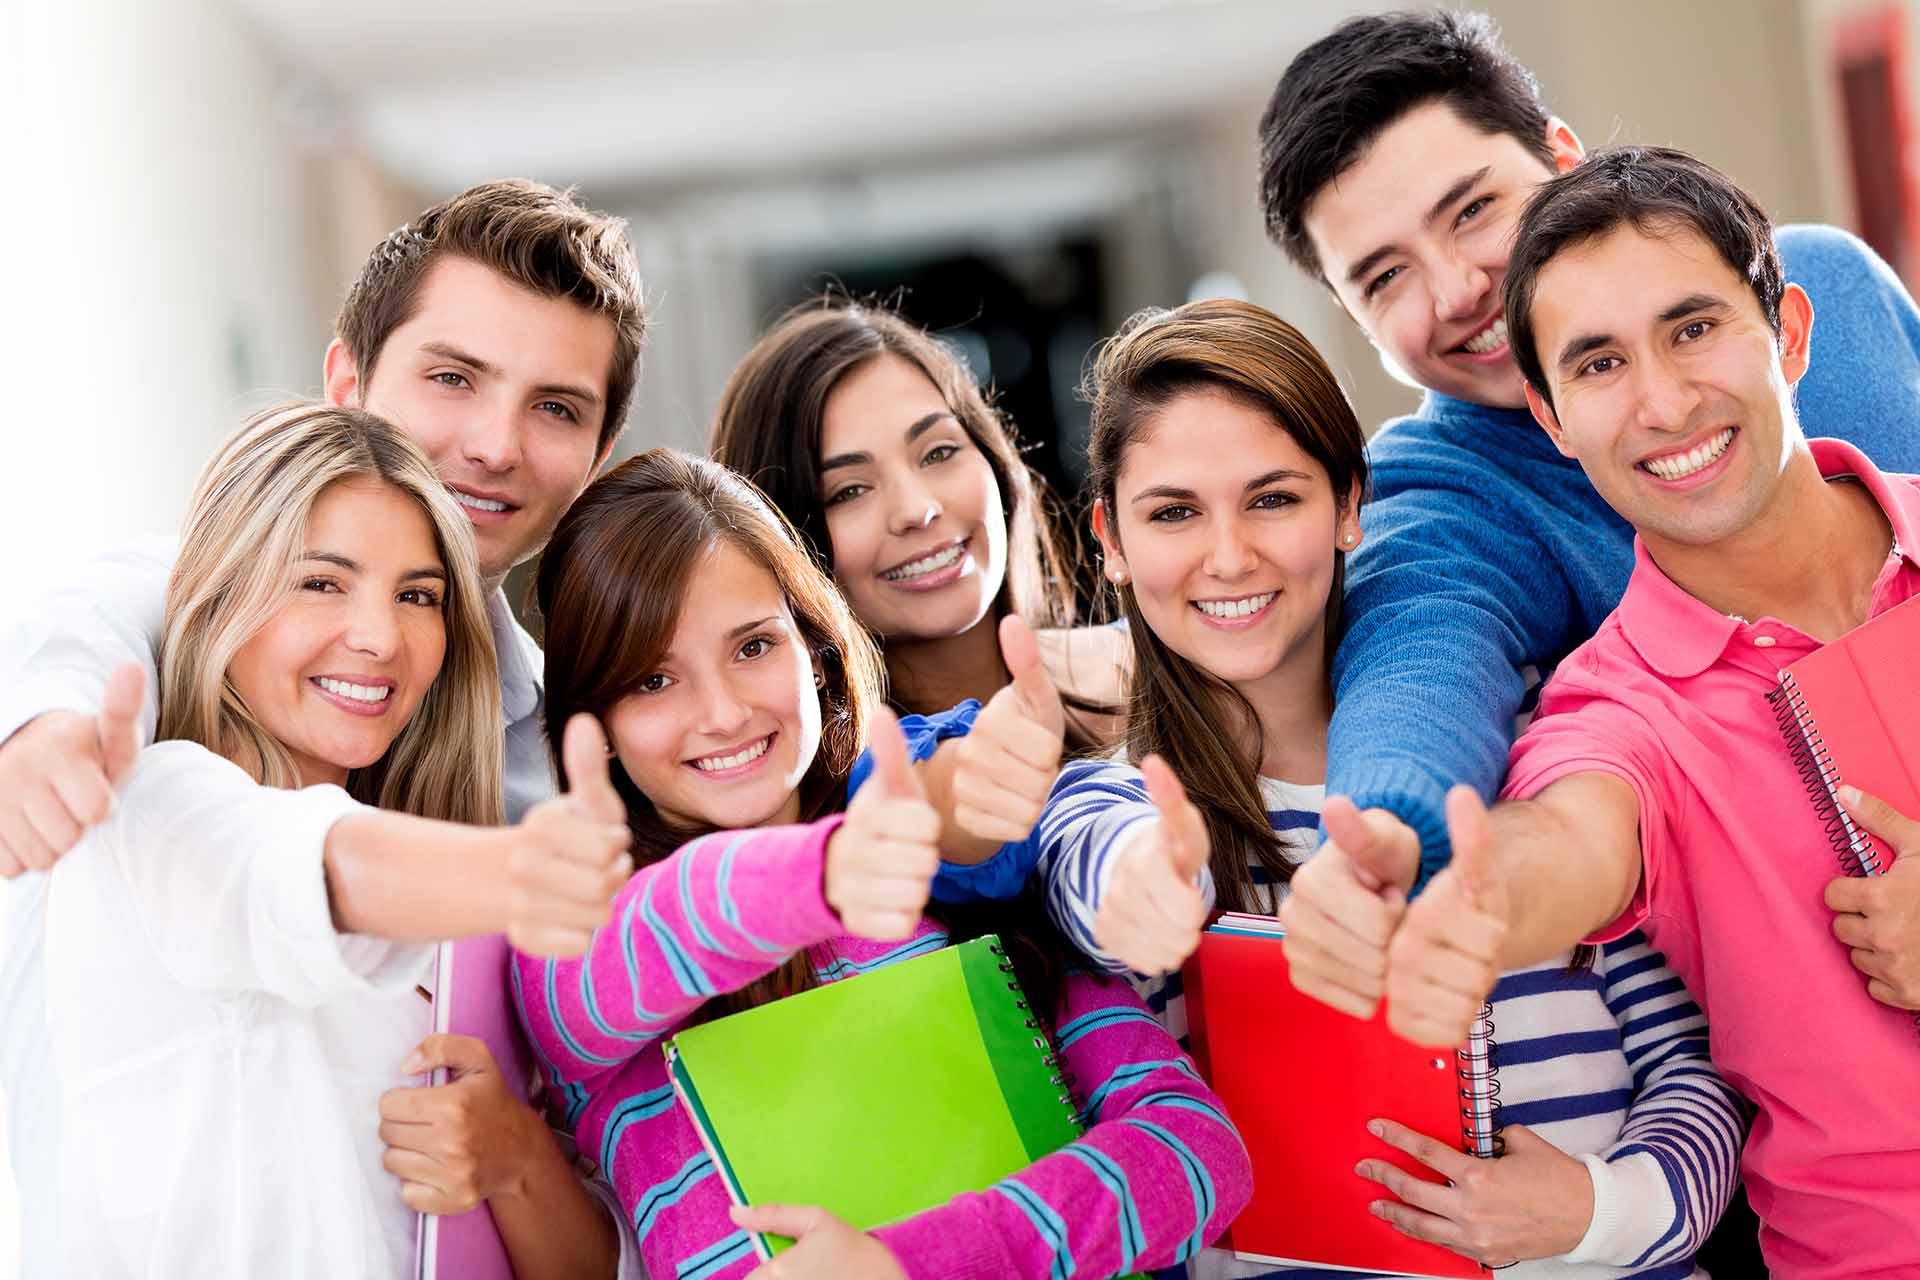 Бесплатный вебинар: Партнерство в области международного образования и консалтинга. Ищем амбассадоров курсов иностранного языка.